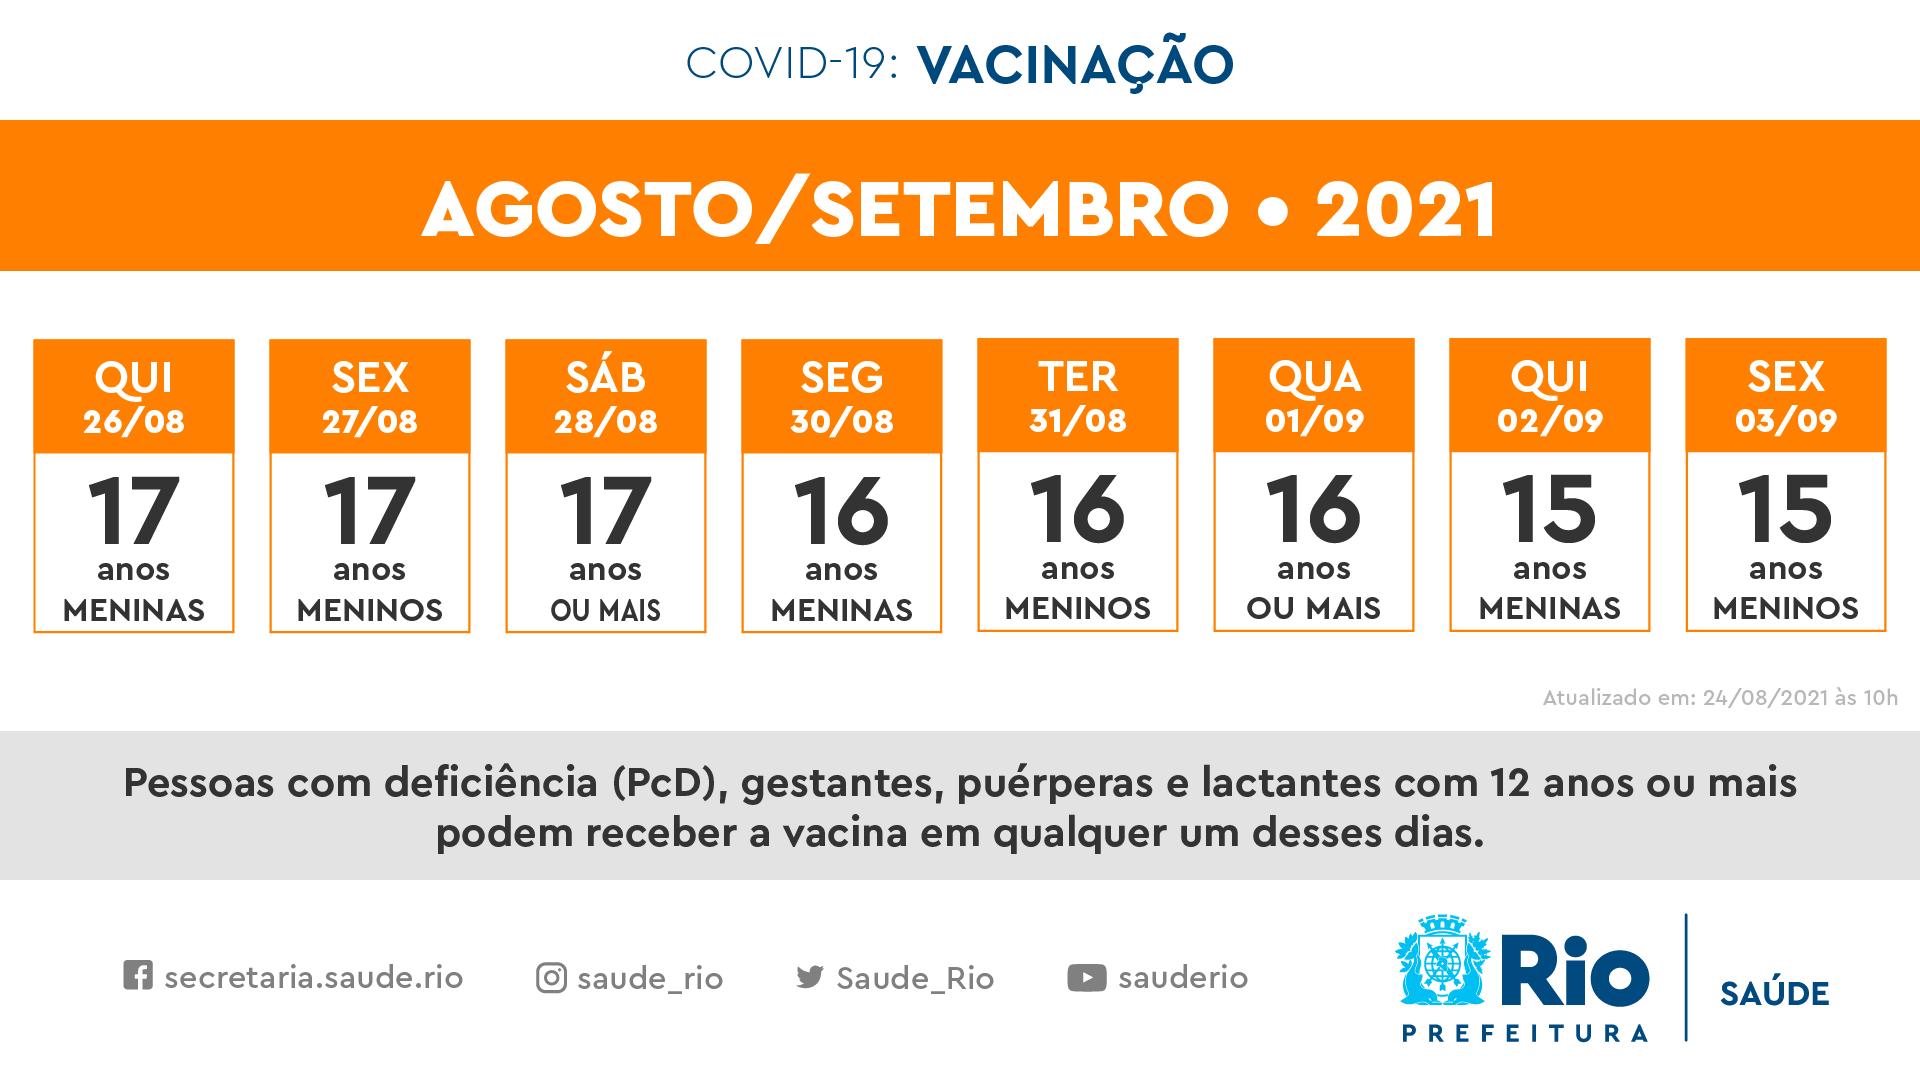 Calendário de vacinação para adolescentes